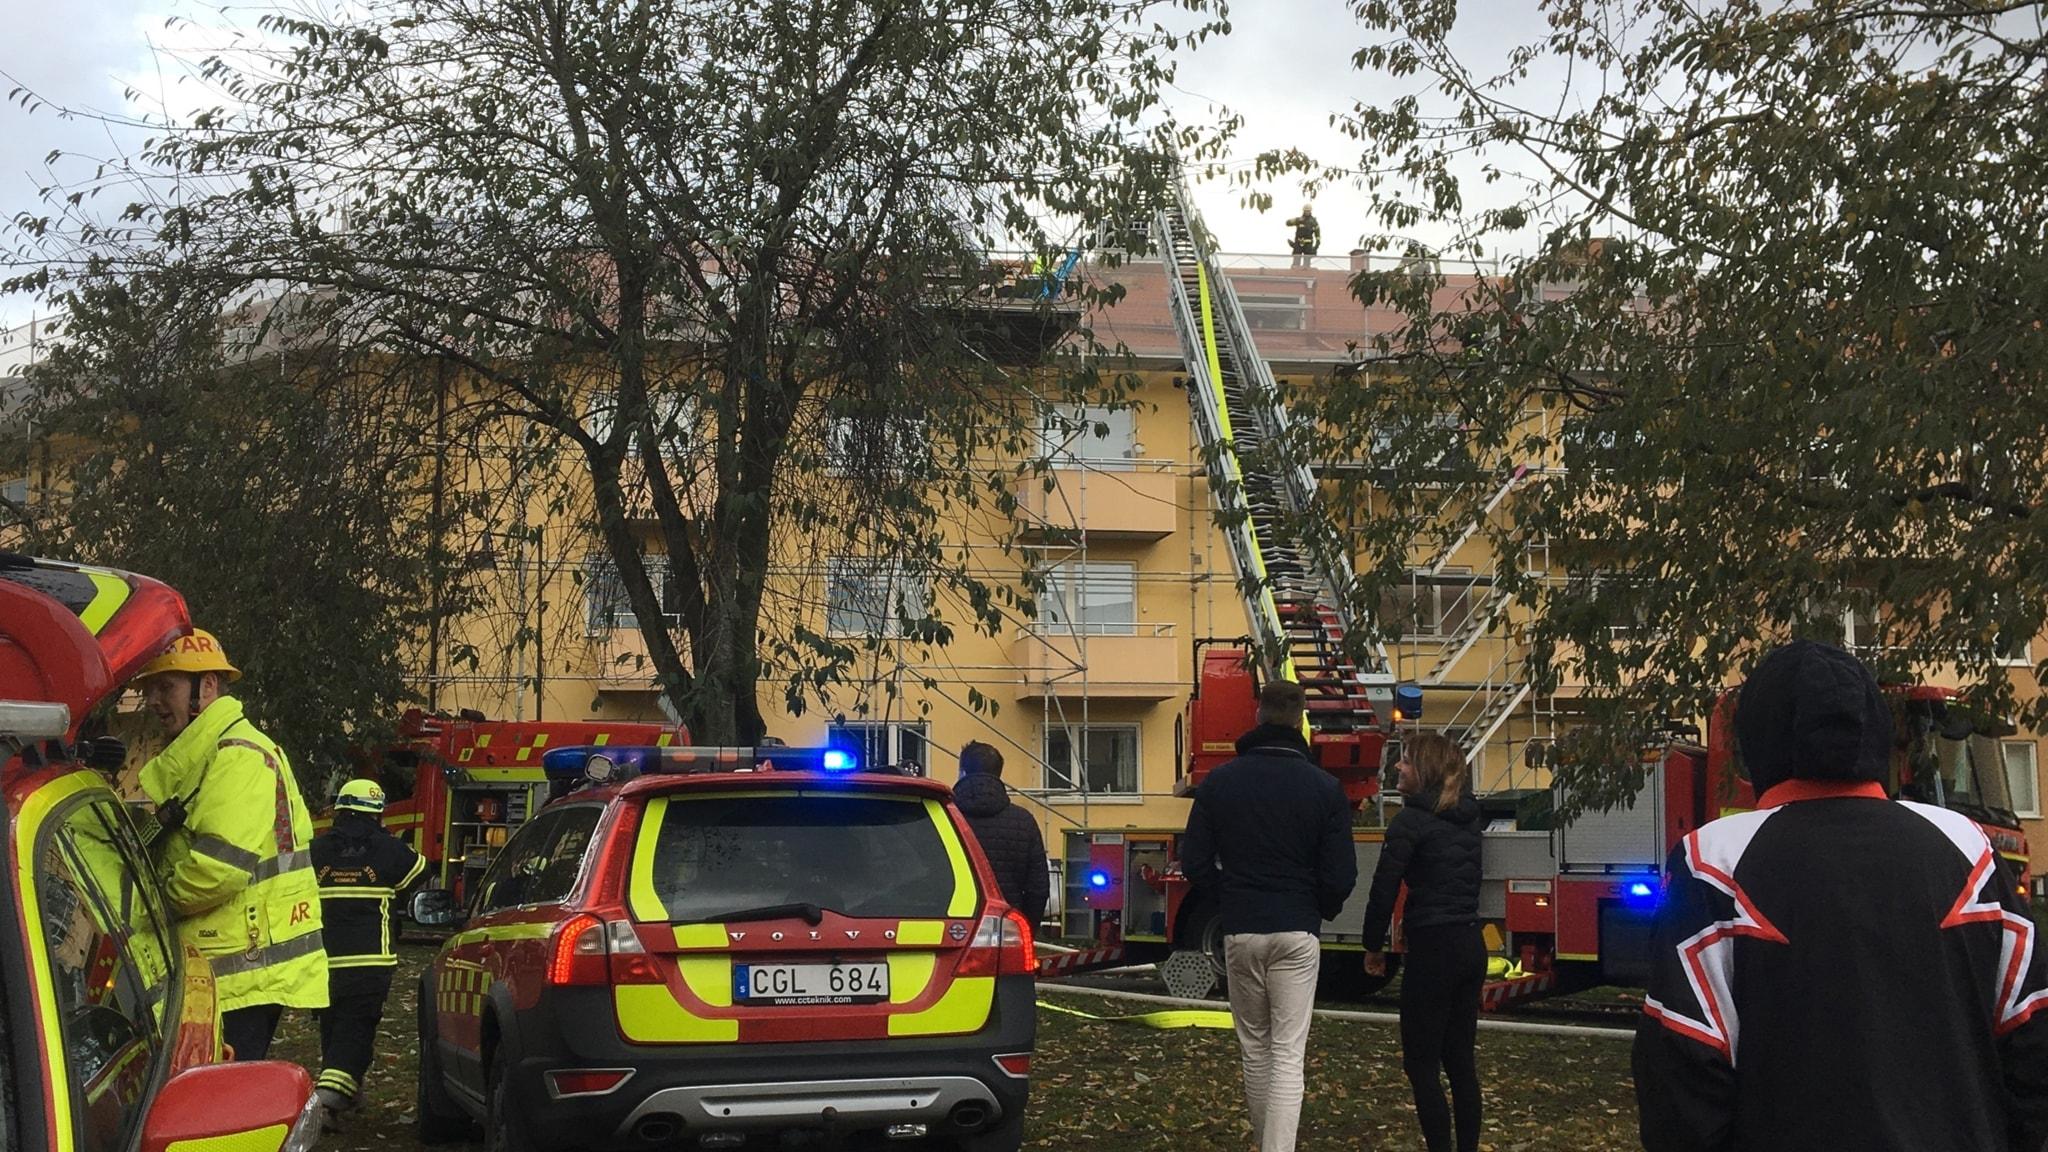 20 tal evakuerade efter kraftig brand